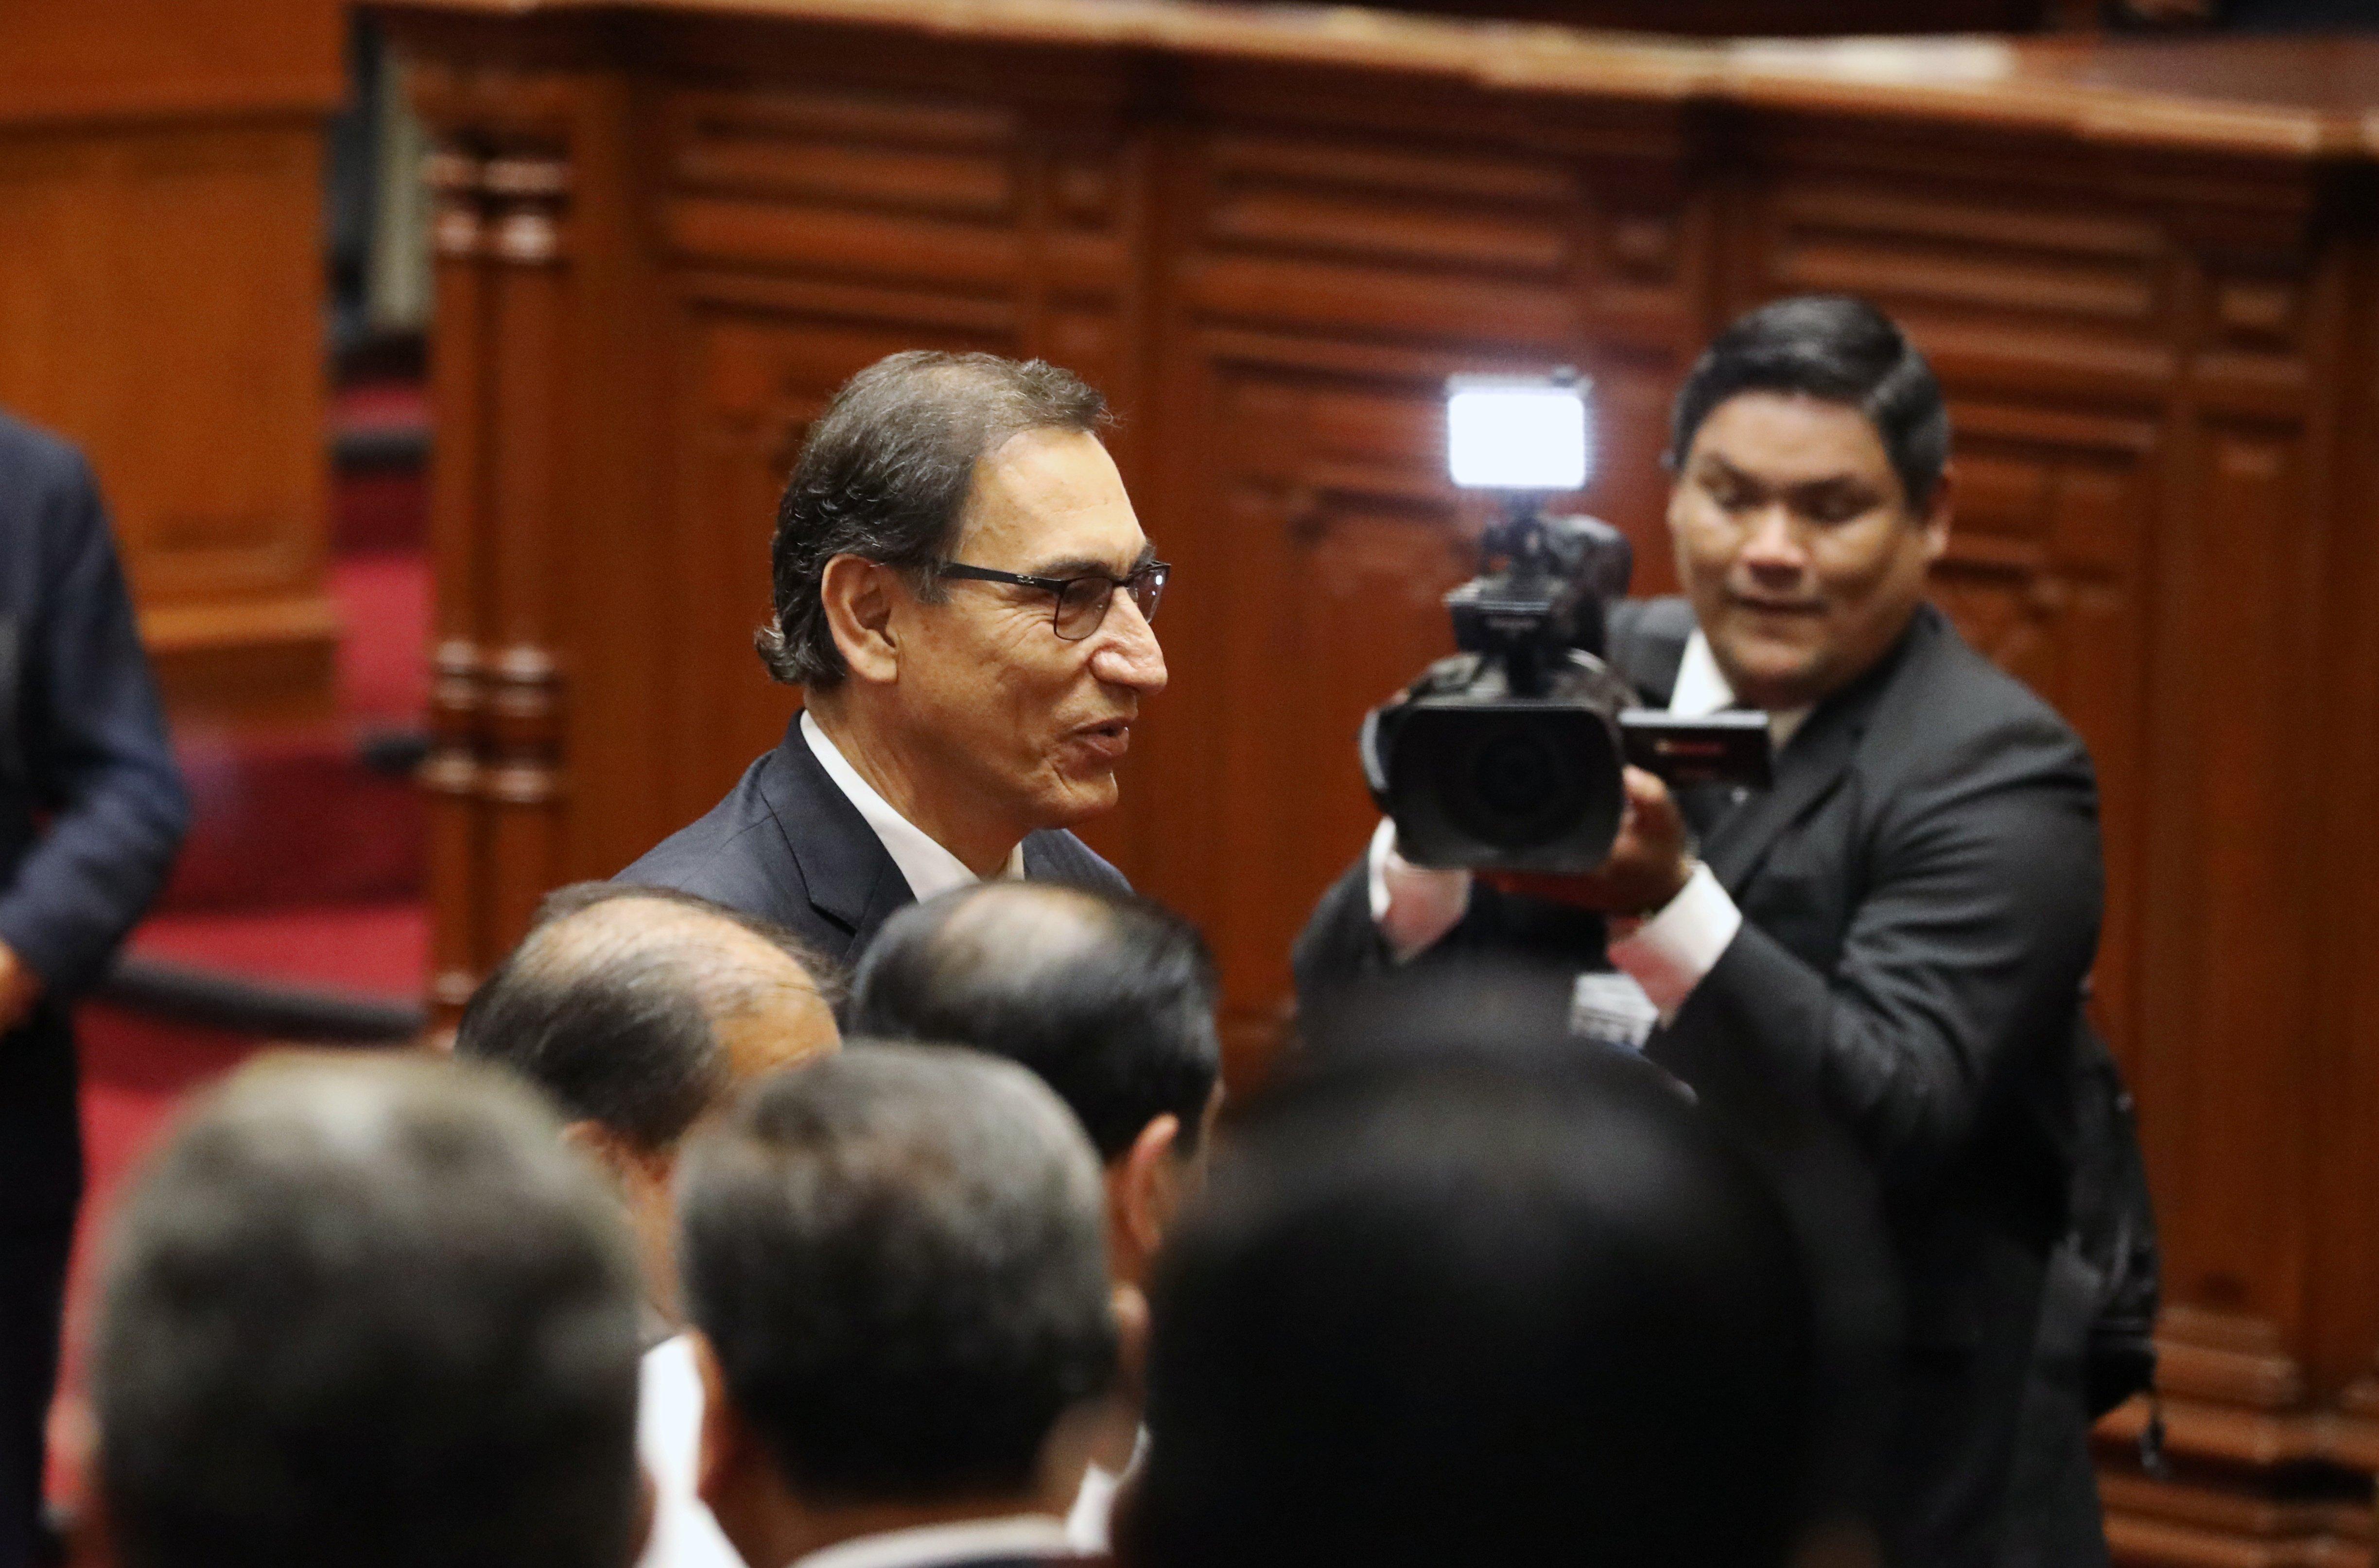 Presidente de Perú pide a empresarios combatir la corrupción